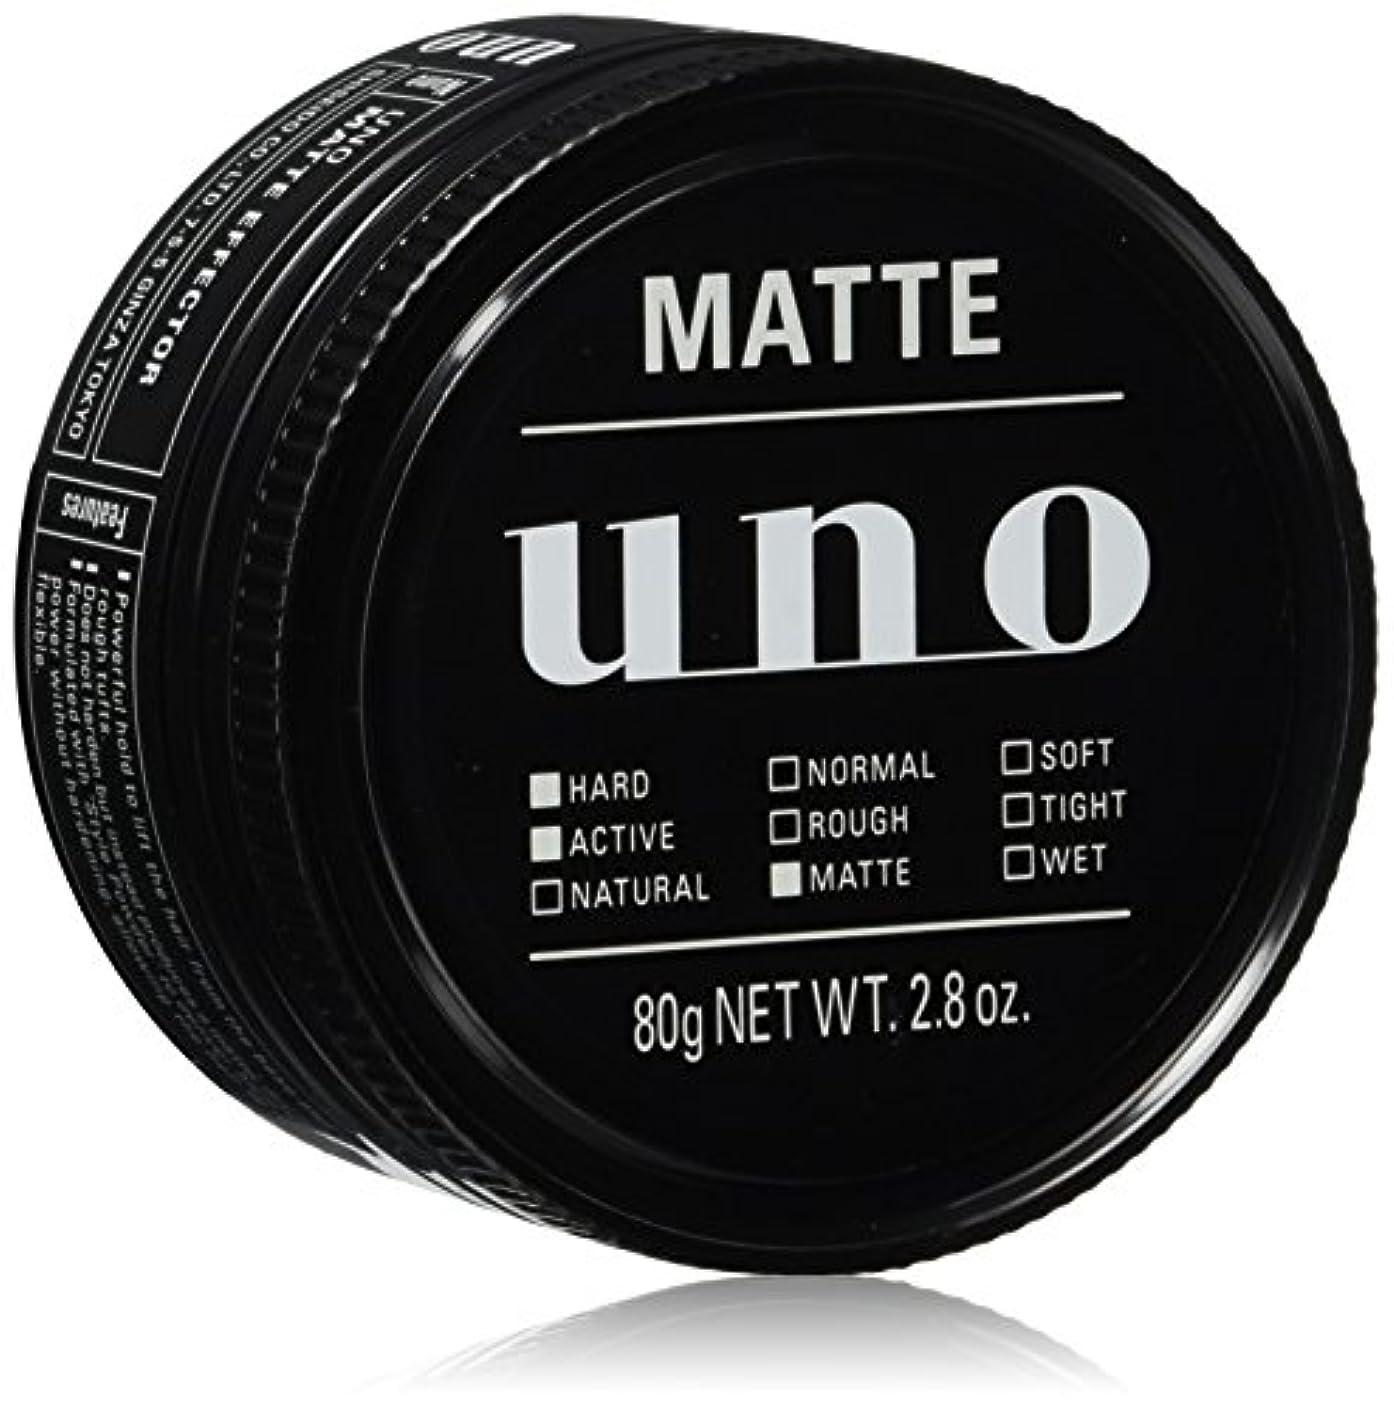 適応する血色の良い称賛ウーノ マットエフェクター ワックス 80g